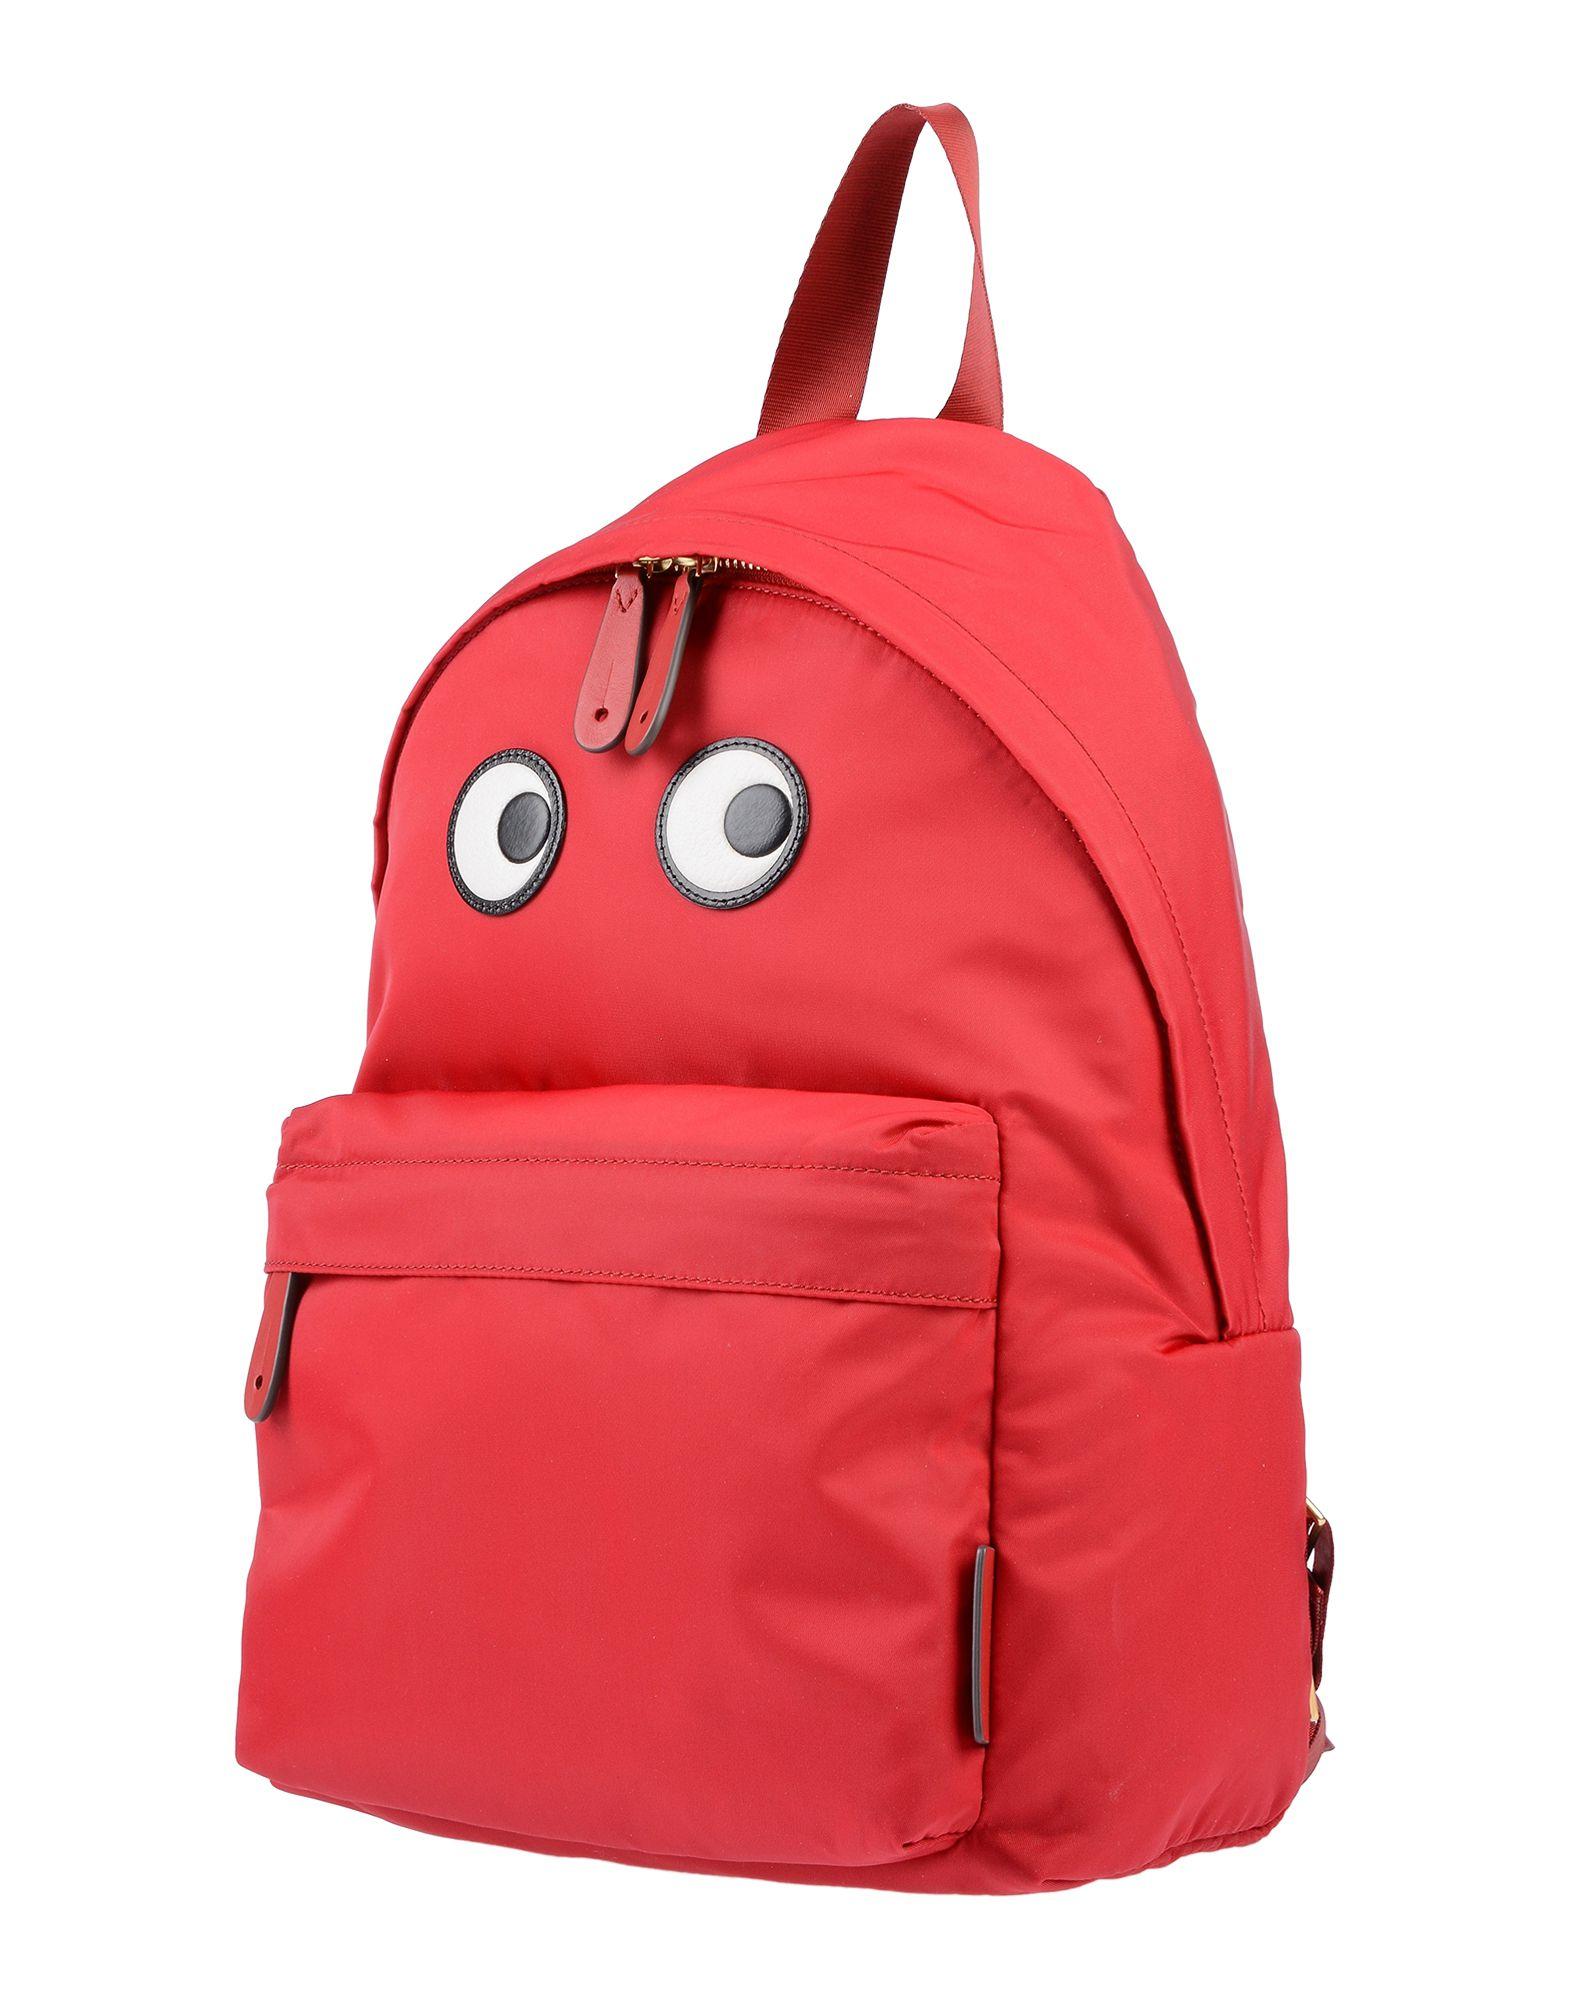 ANYA HINDMARCH Рюкзаки и сумки на пояс hanerou cute keychain рюкзаки для девочек мода tassel женщины рюкзак женский красочный daypack schoolbag кожаные наплечные сумки